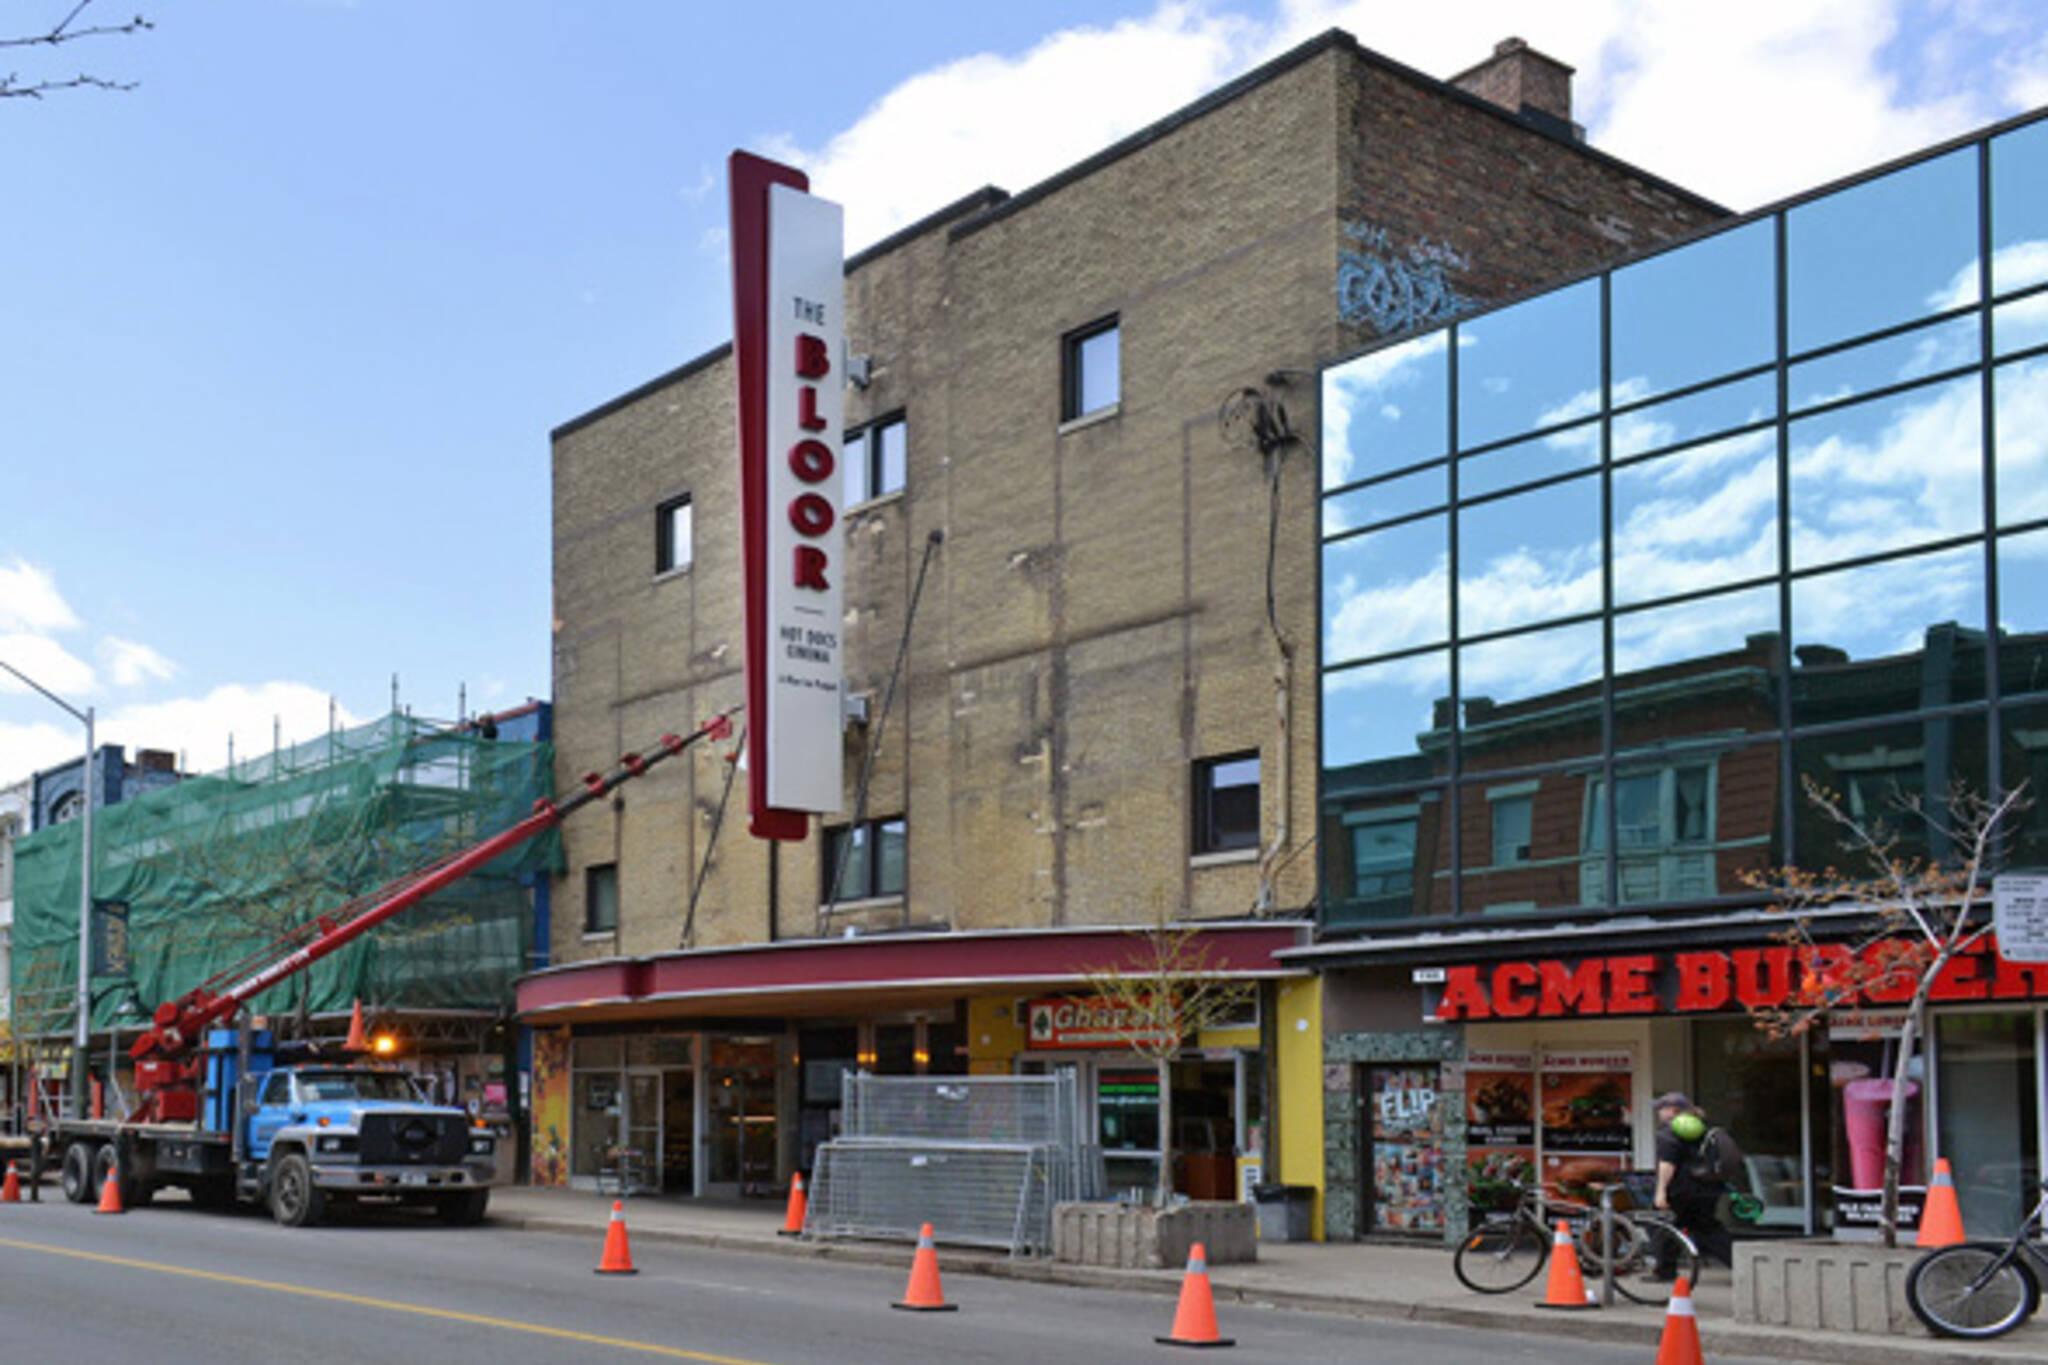 Bloor Hot Docs Cinema